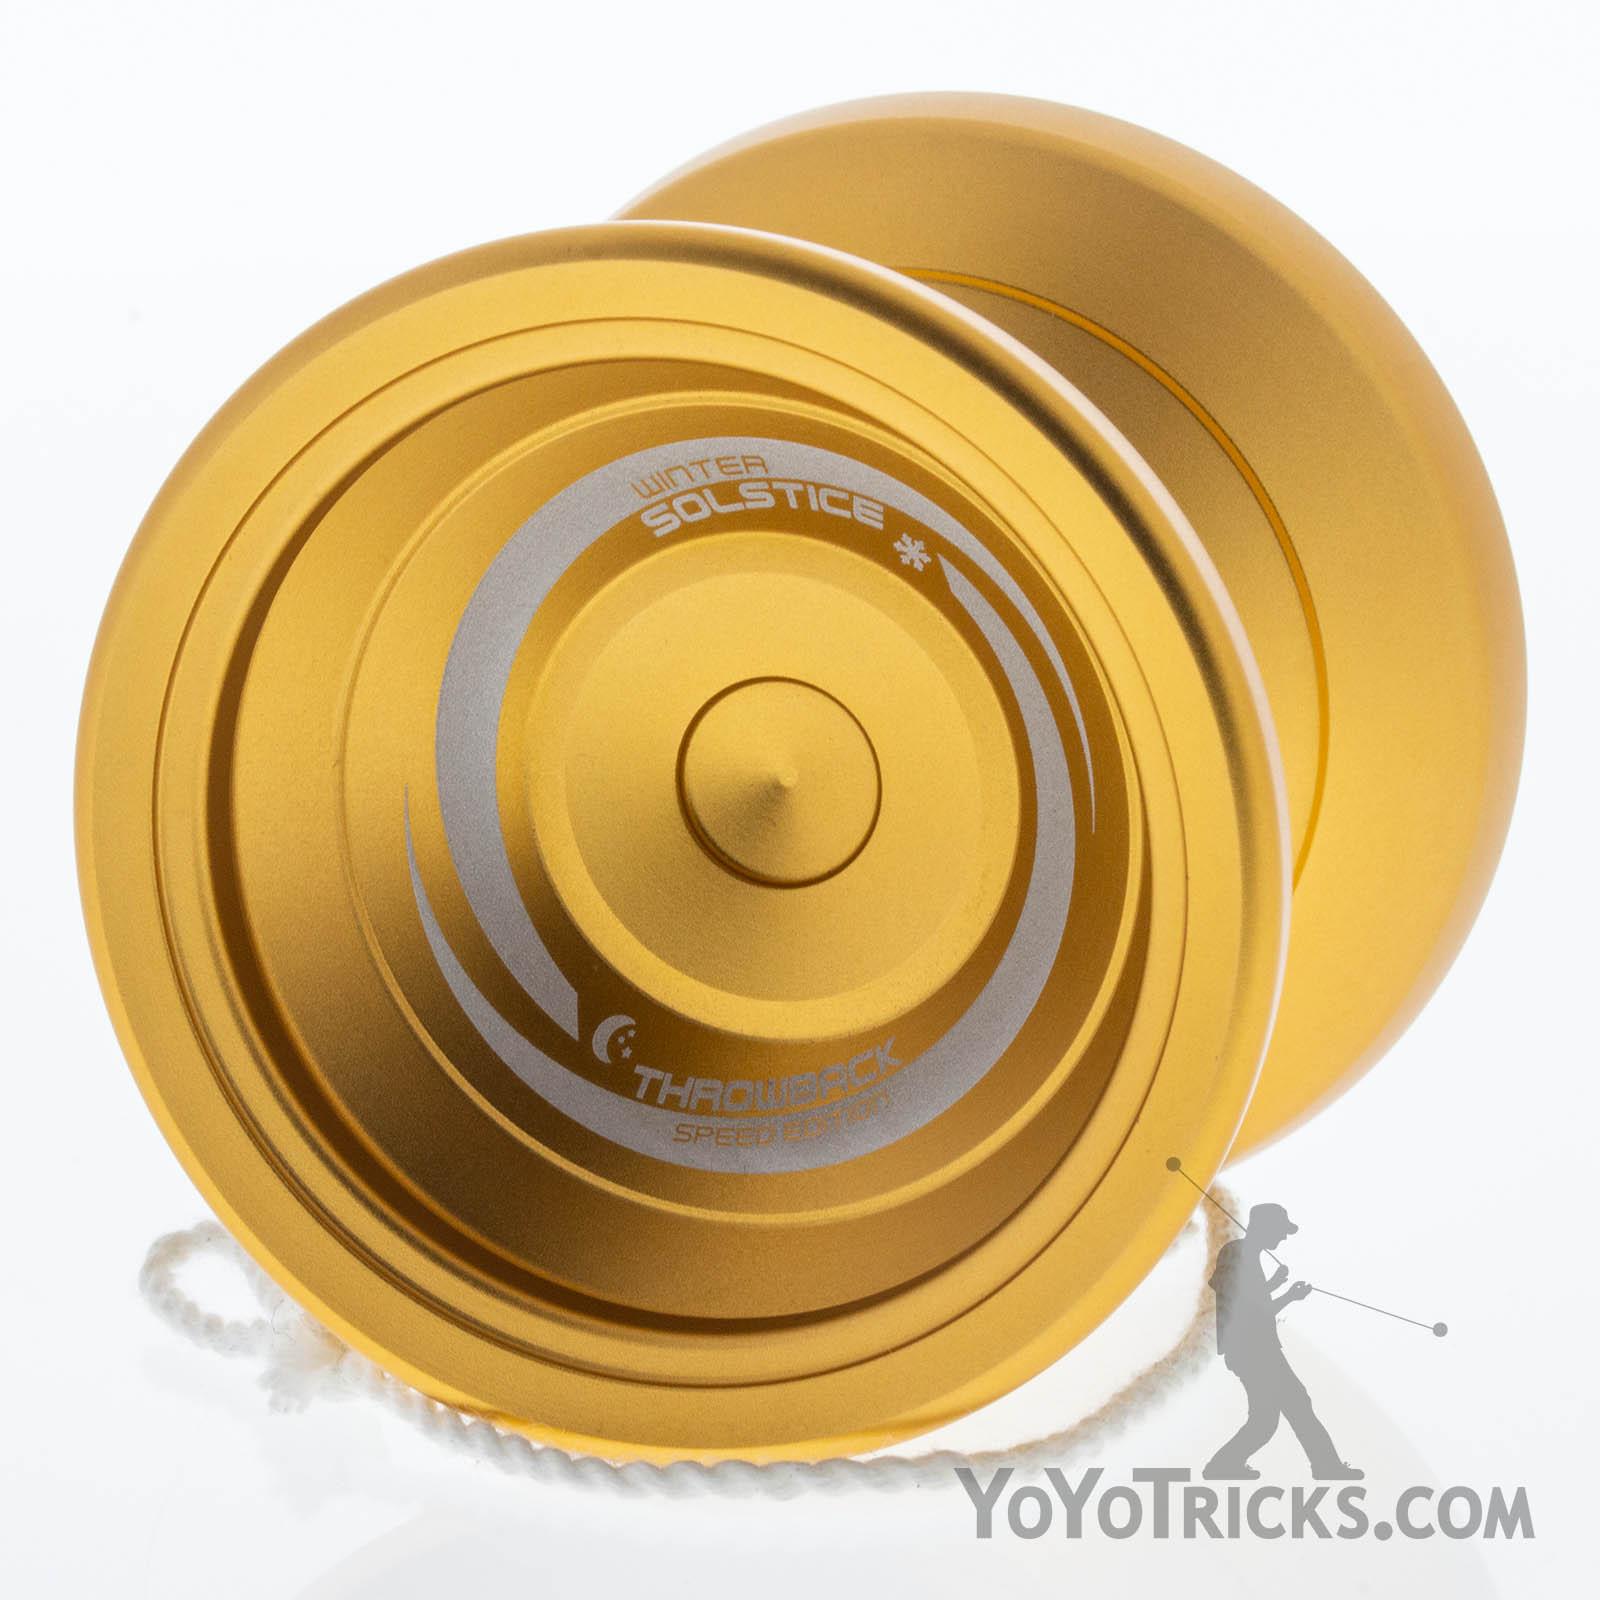 Winter Solstice Yoyo Gold